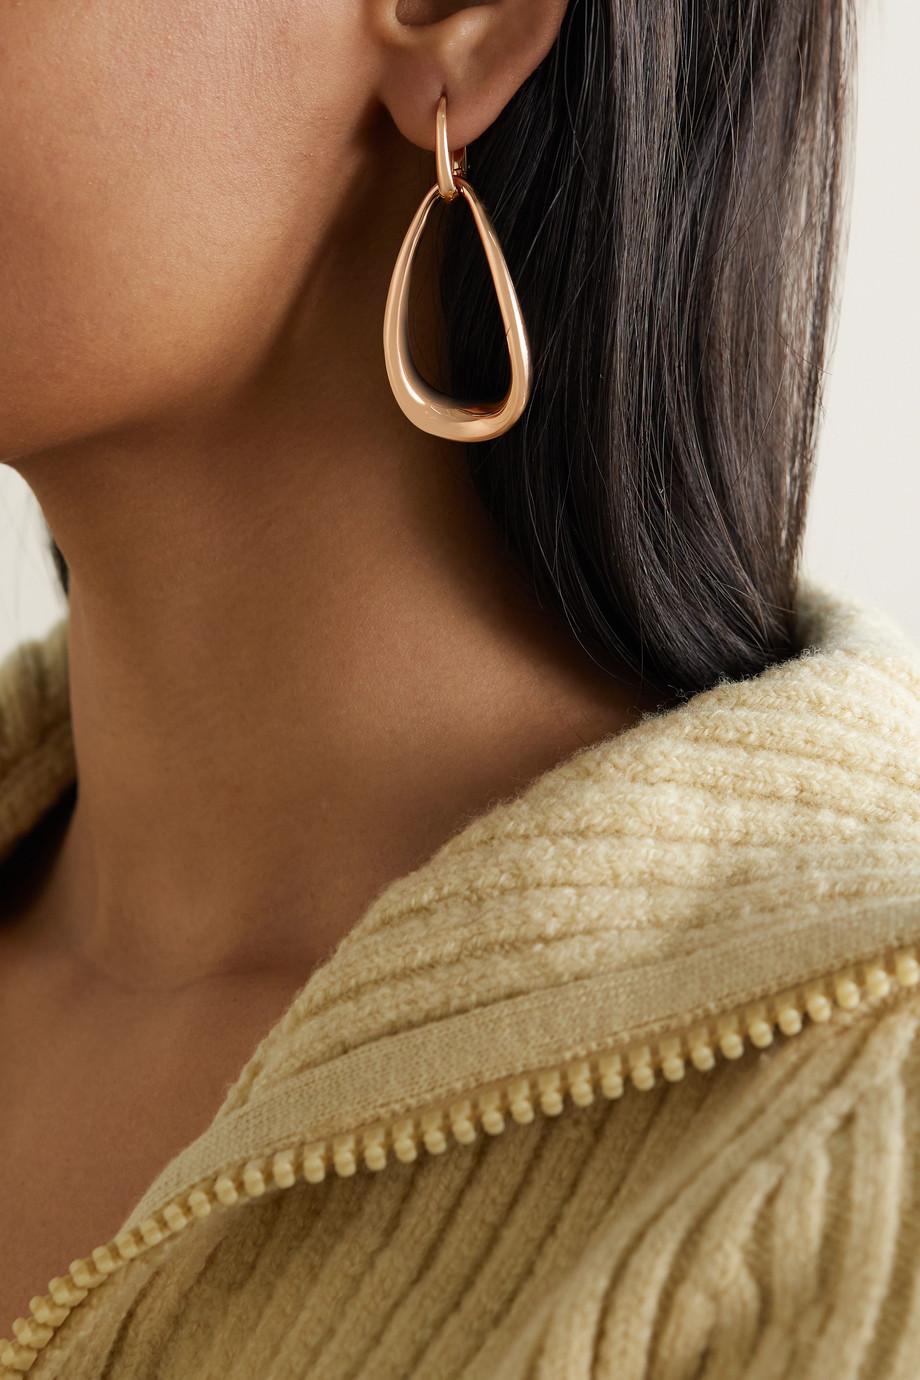 Pomellato Fantina 18-karat rose gold earrings